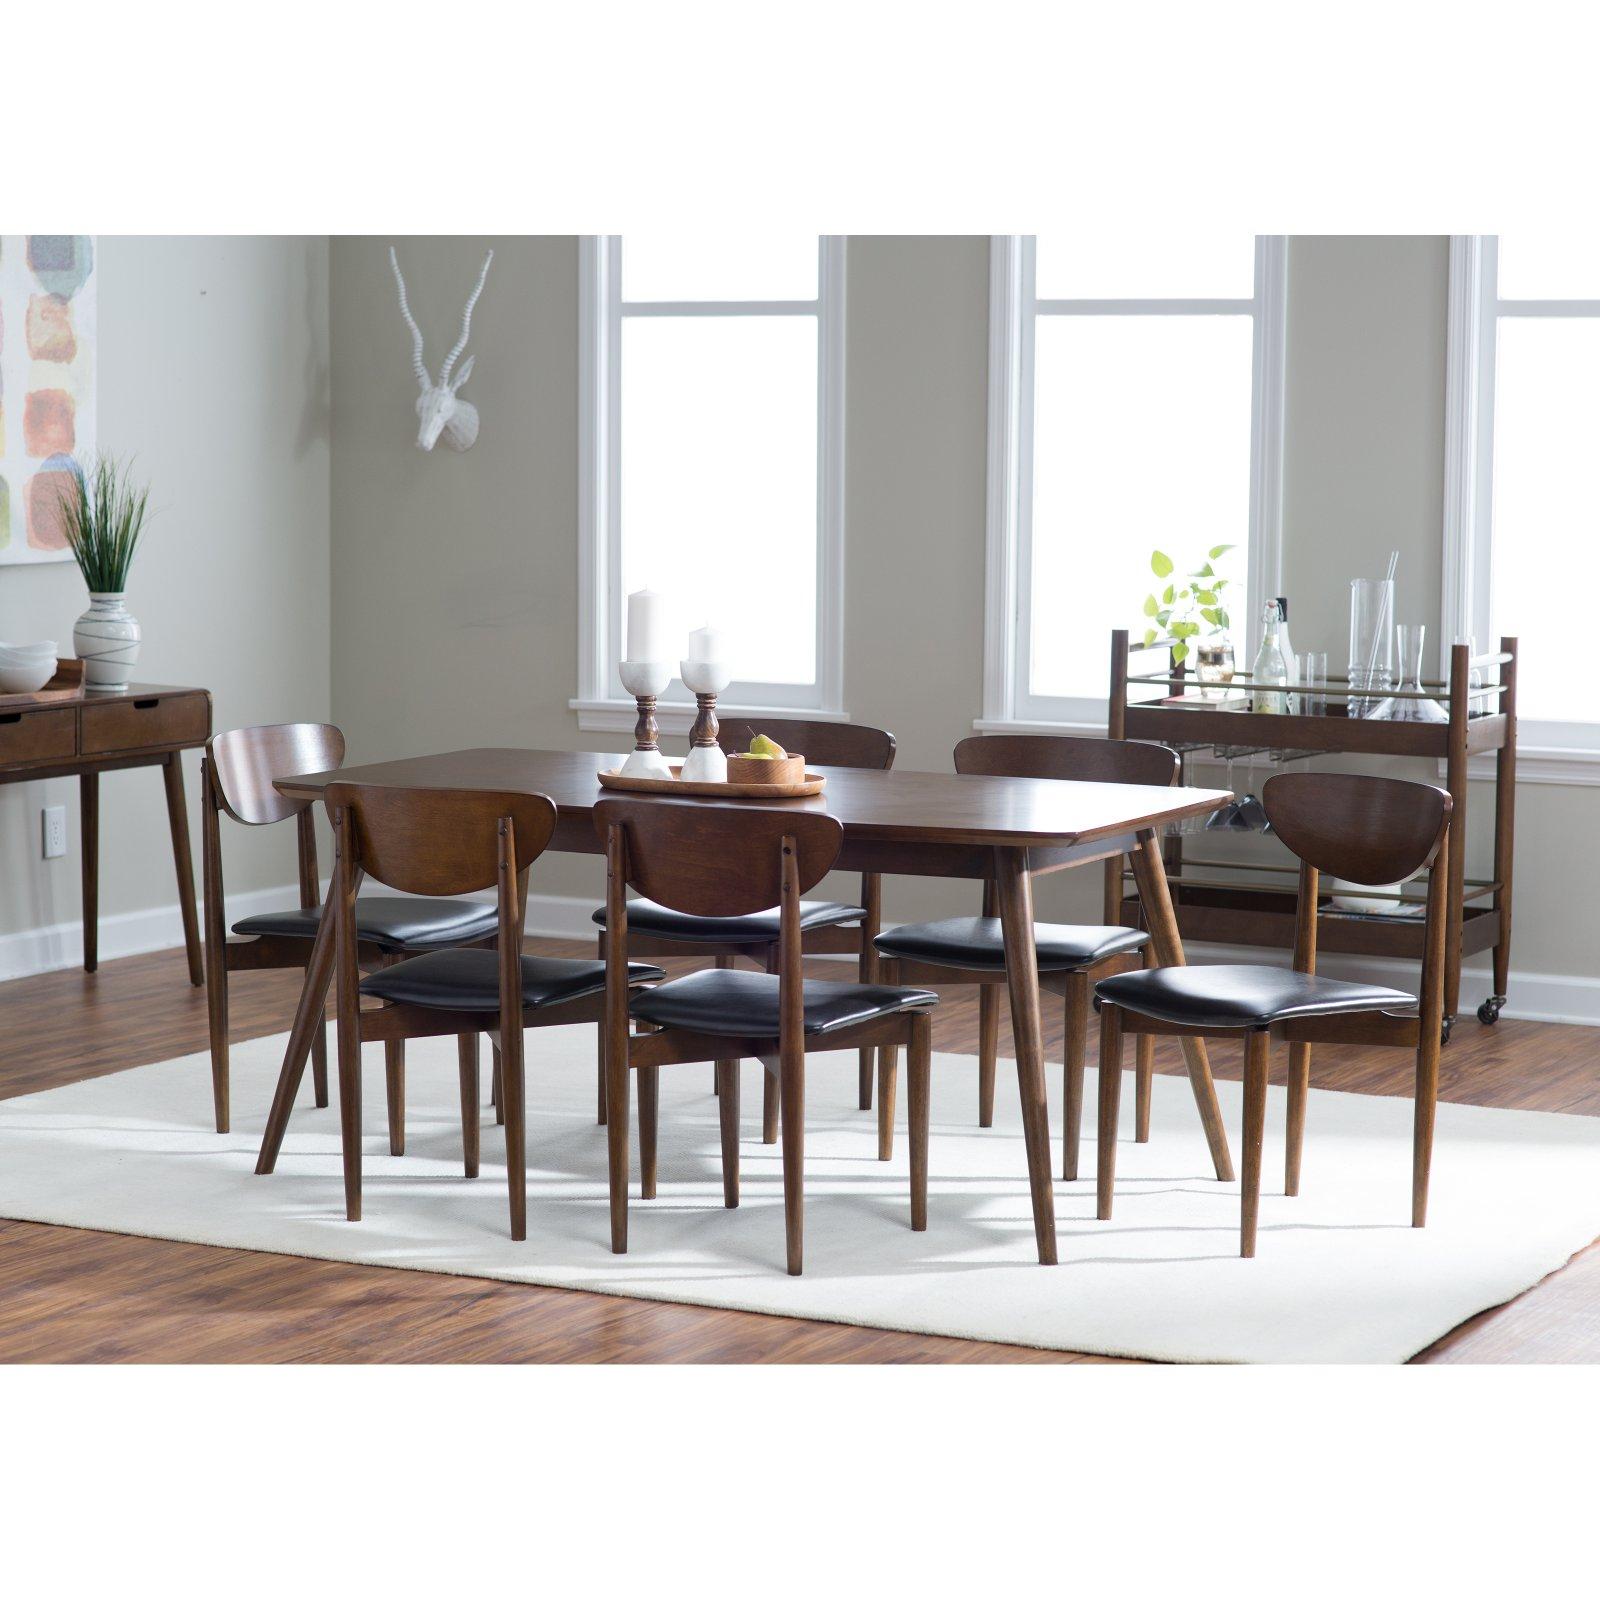 62f0efdd7a Belham Living Carter Mid-Century Modern Dining Table - Walmart.com